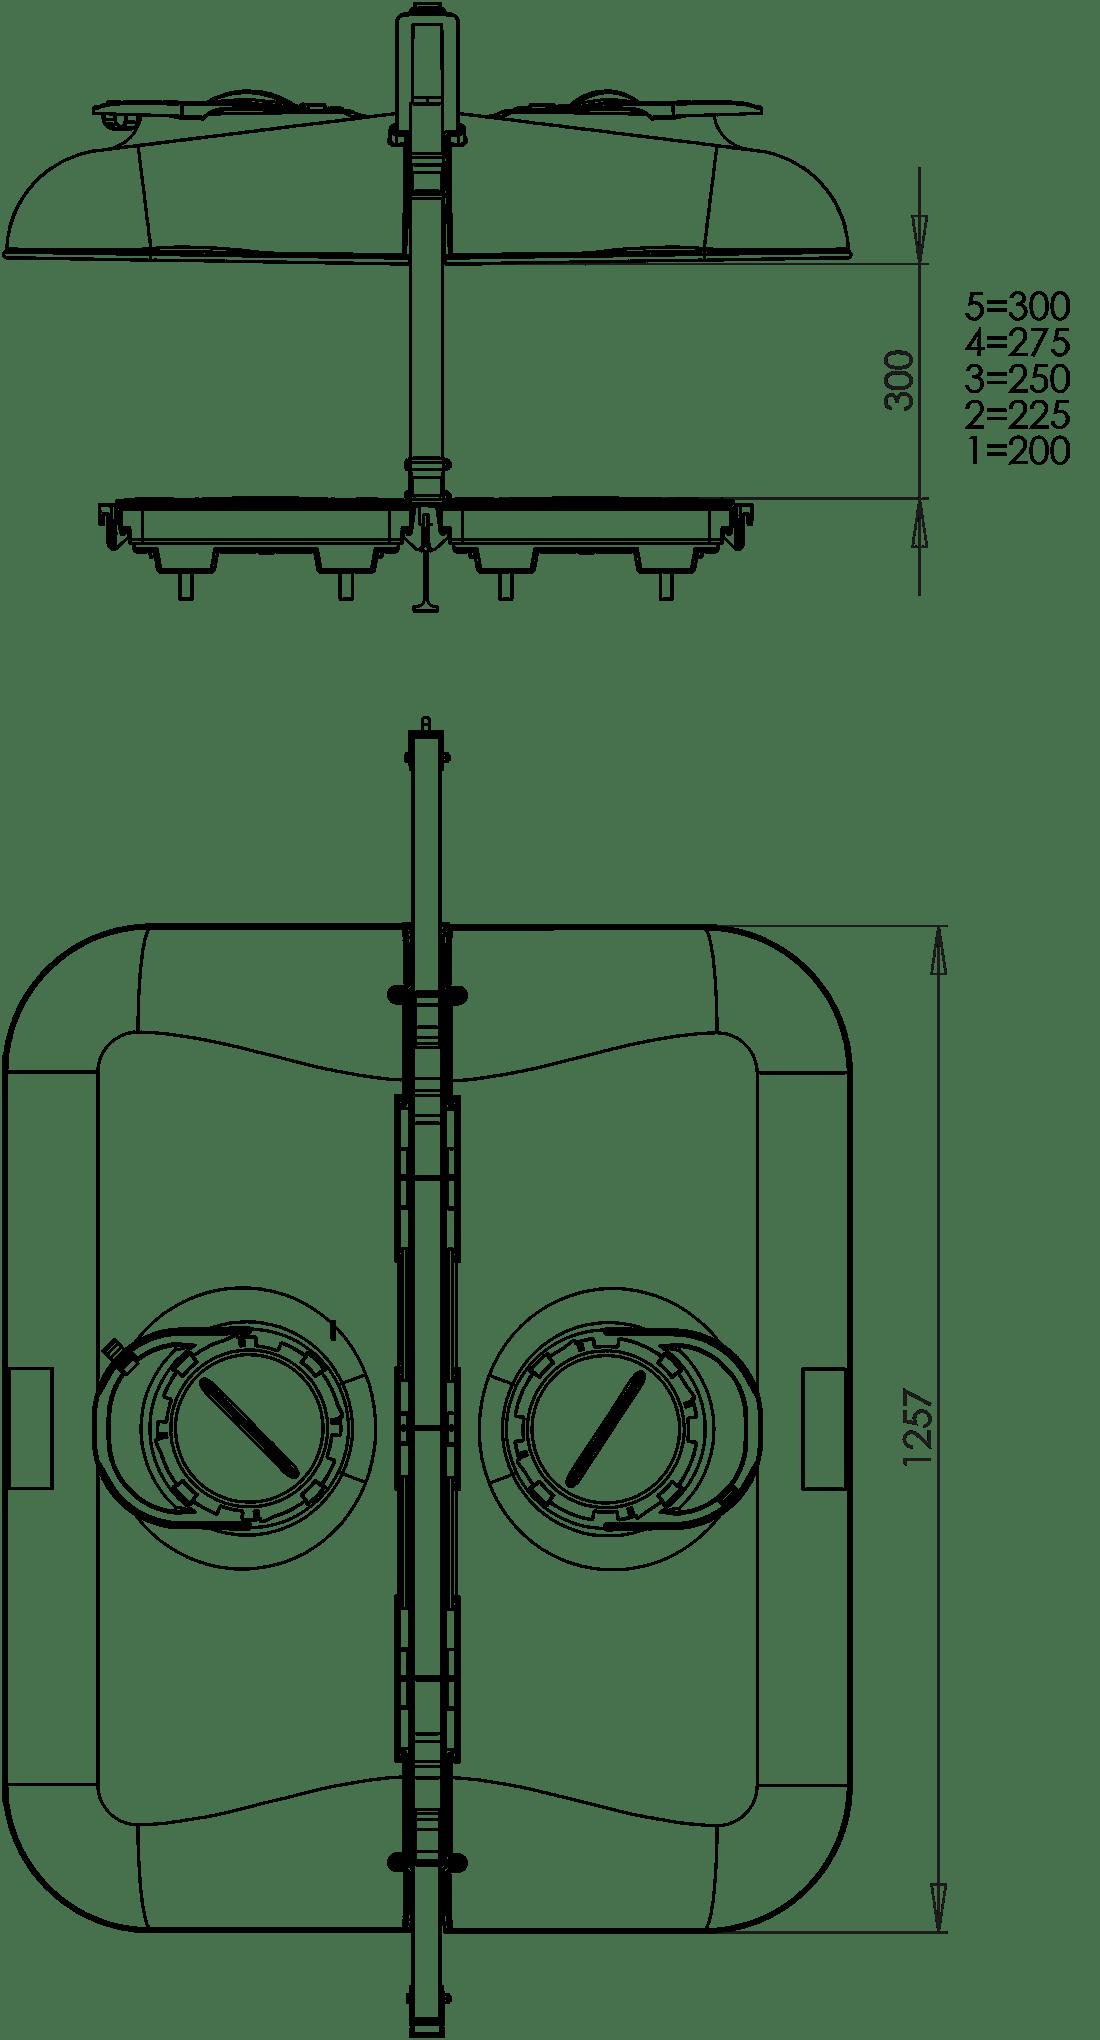 NI-2-Mobil-Ferkelnestabdeckungen-Zeichnung_19100000+PAN0J10_a_28